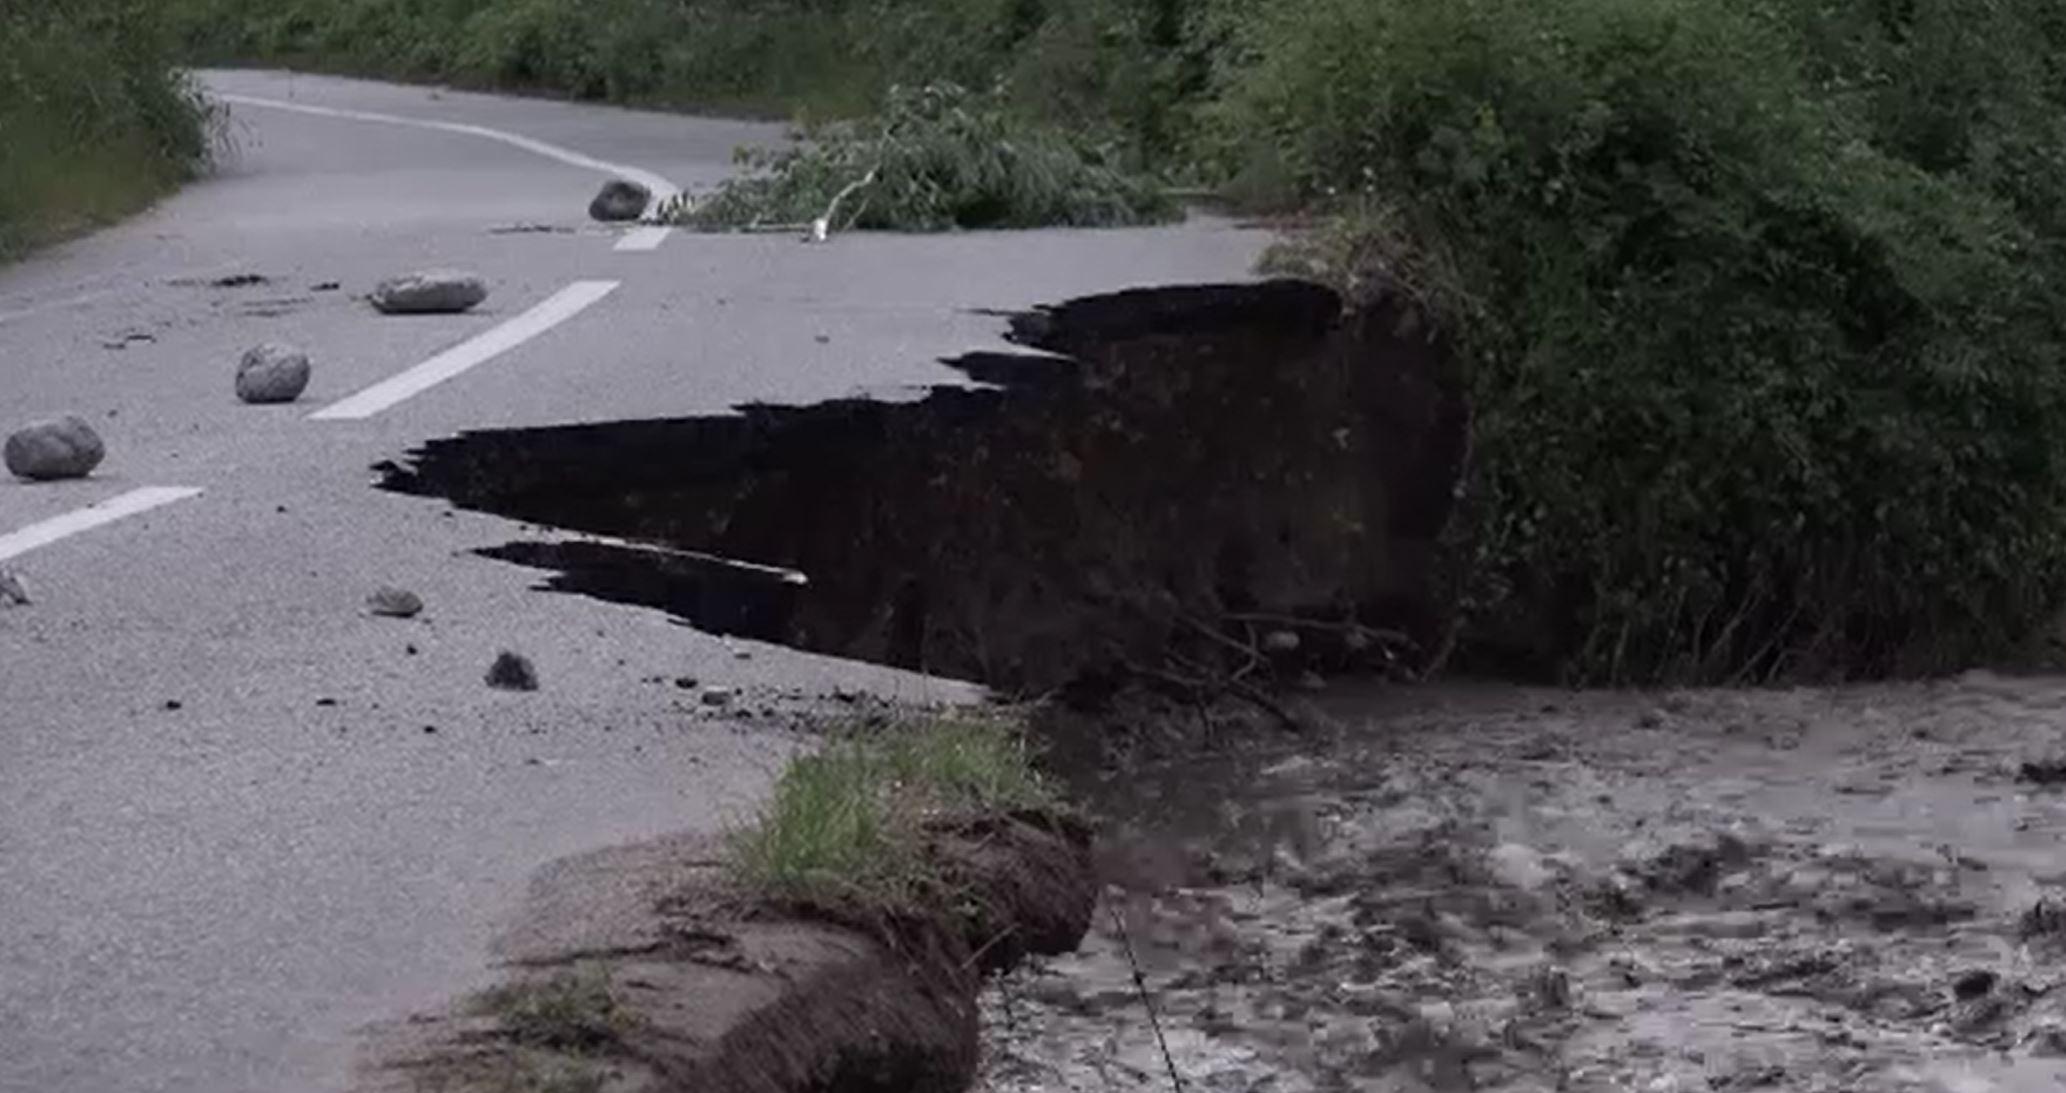 Vremea rea continuă să facă ravagii în țară. Mai multe drumuri s-au surpat din cauza apelor